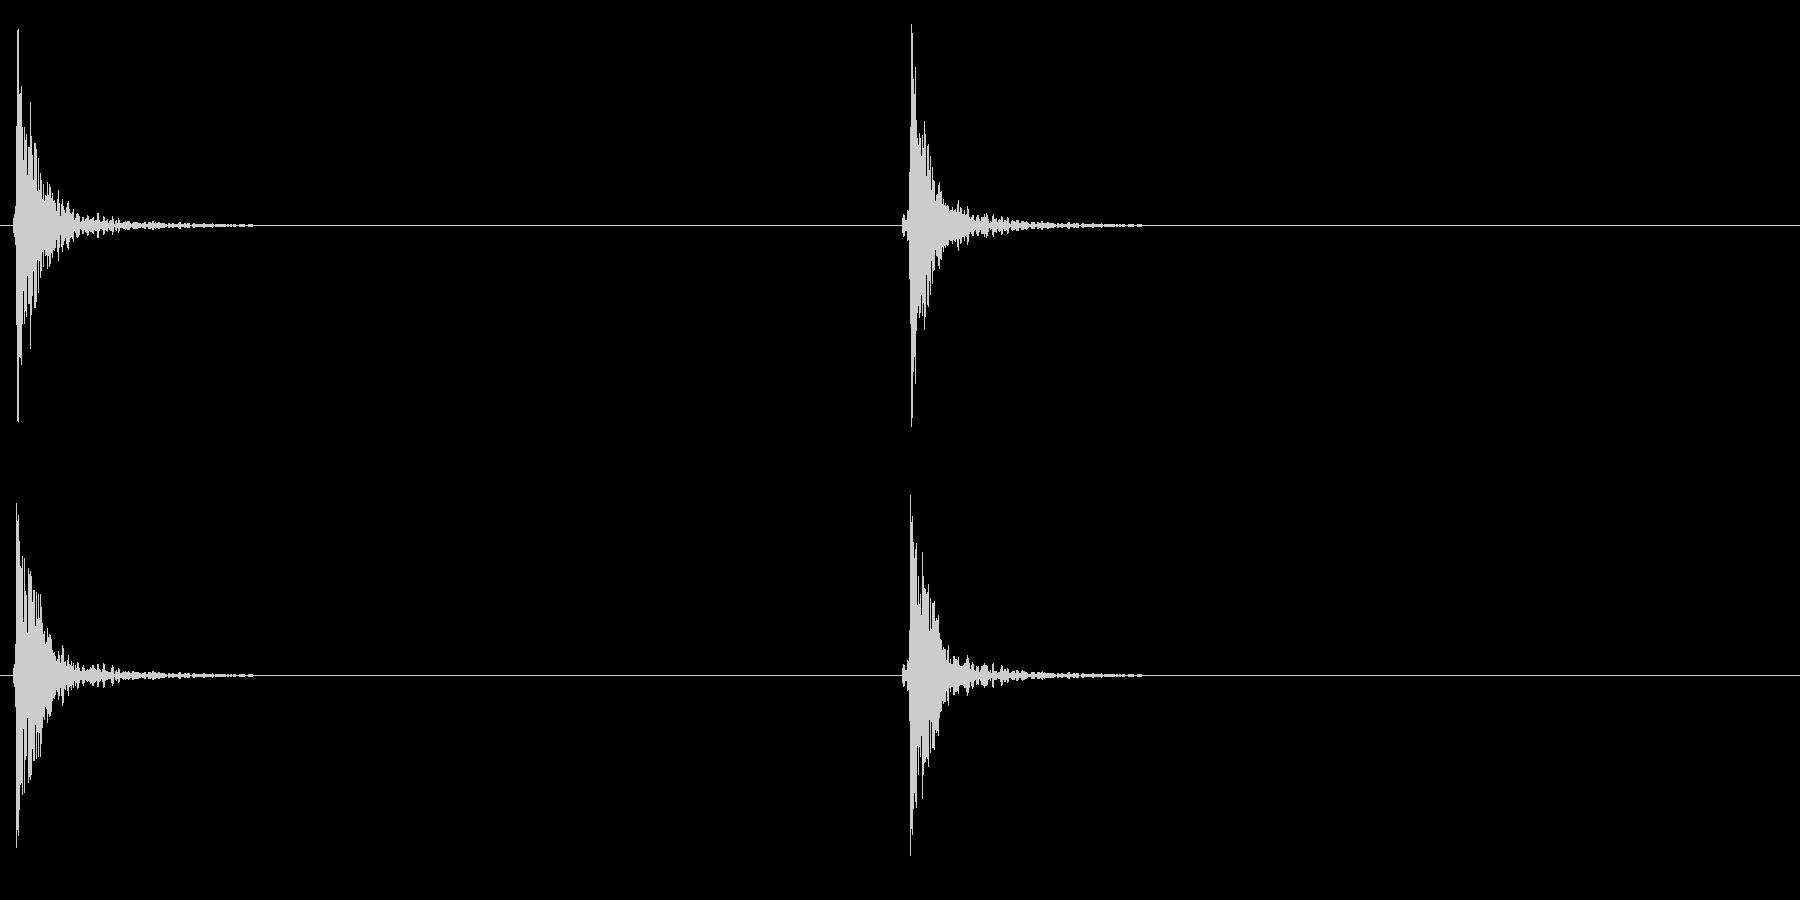 作る/とんかち/建築/連続の未再生の波形